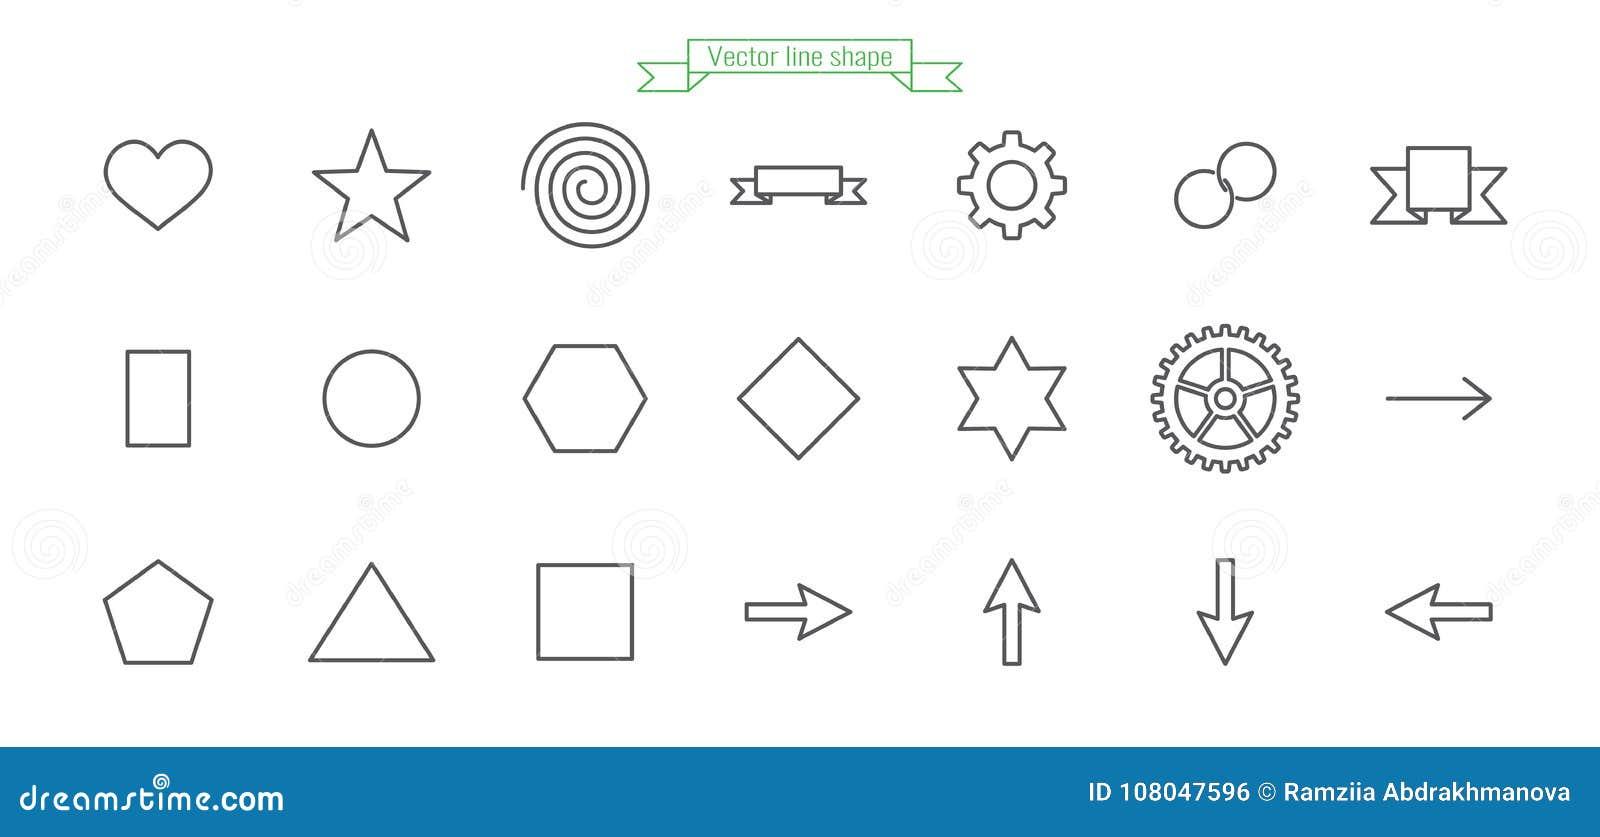 Symbol linje, uppsättning som är stor, förälskelse, form, hjärta, stjärna, spiral, flagga, band, kugghjul, cirkel, kedja, cirkel,